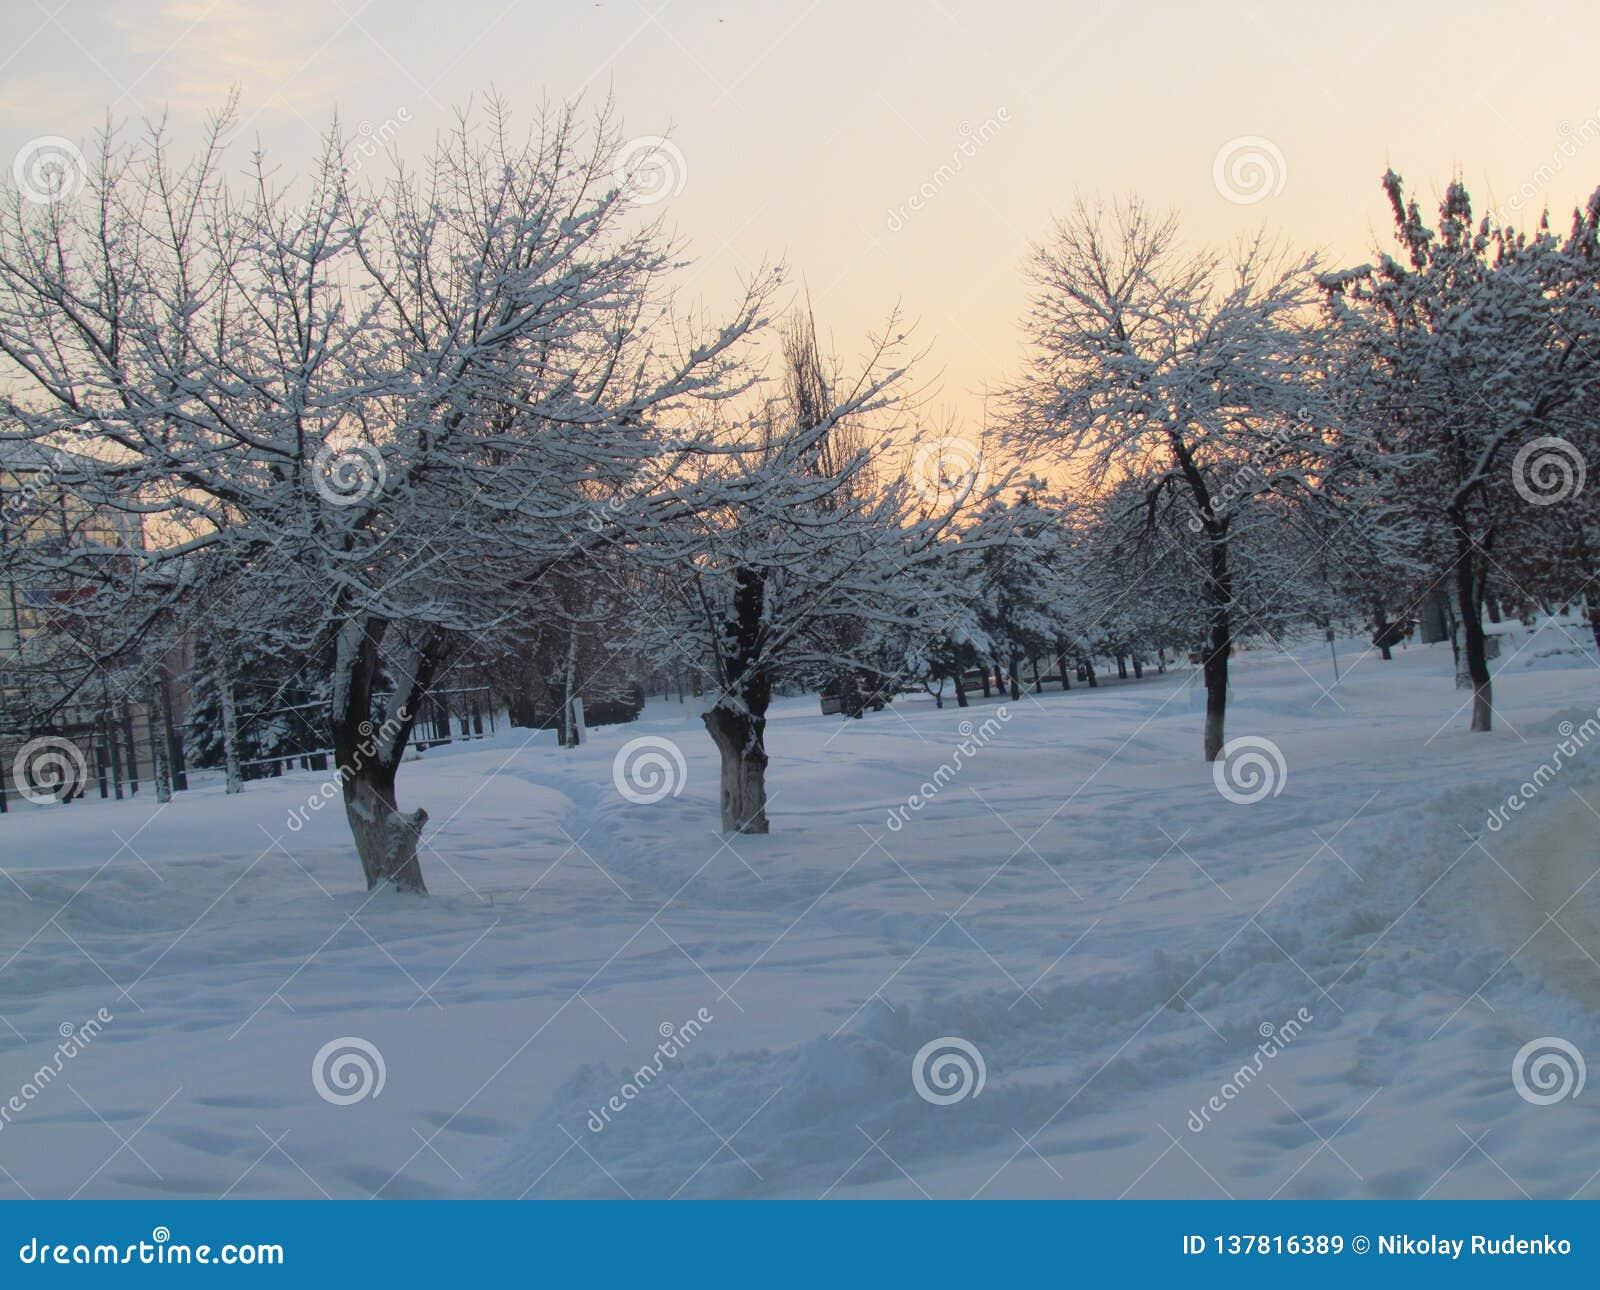 Sylwetka drzewa befringed z śniegiem